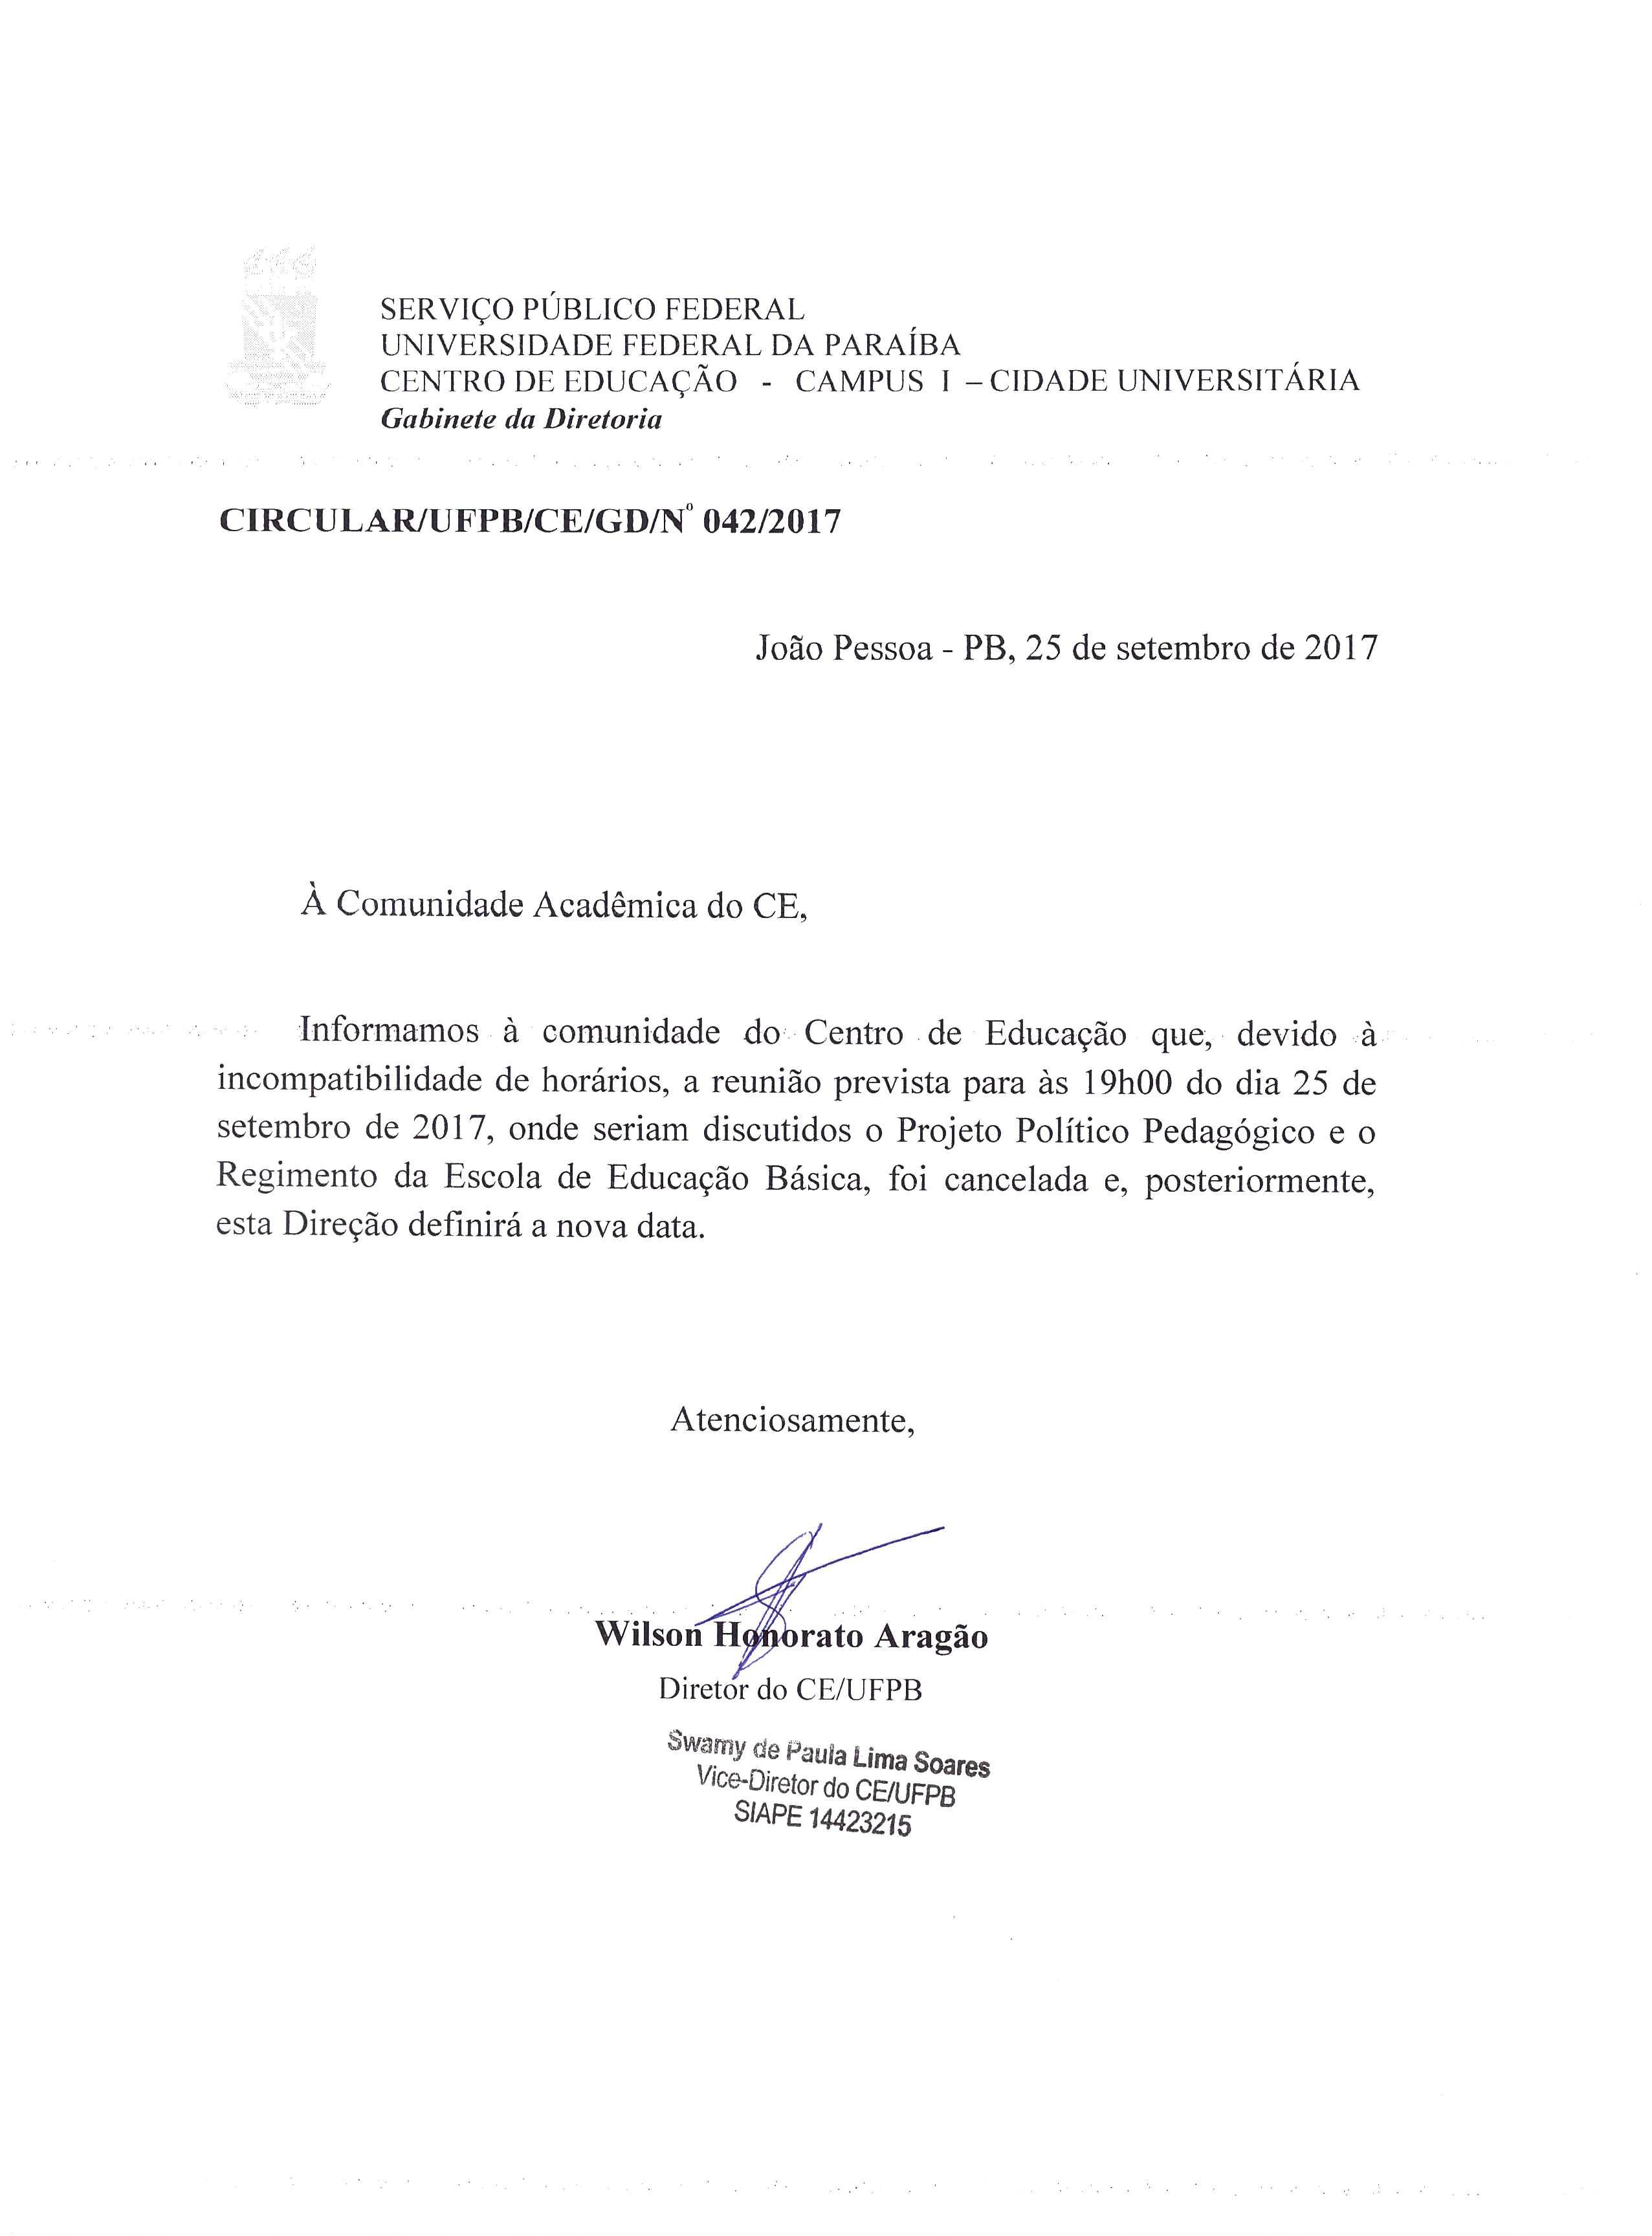 Cancelamento da Reunião